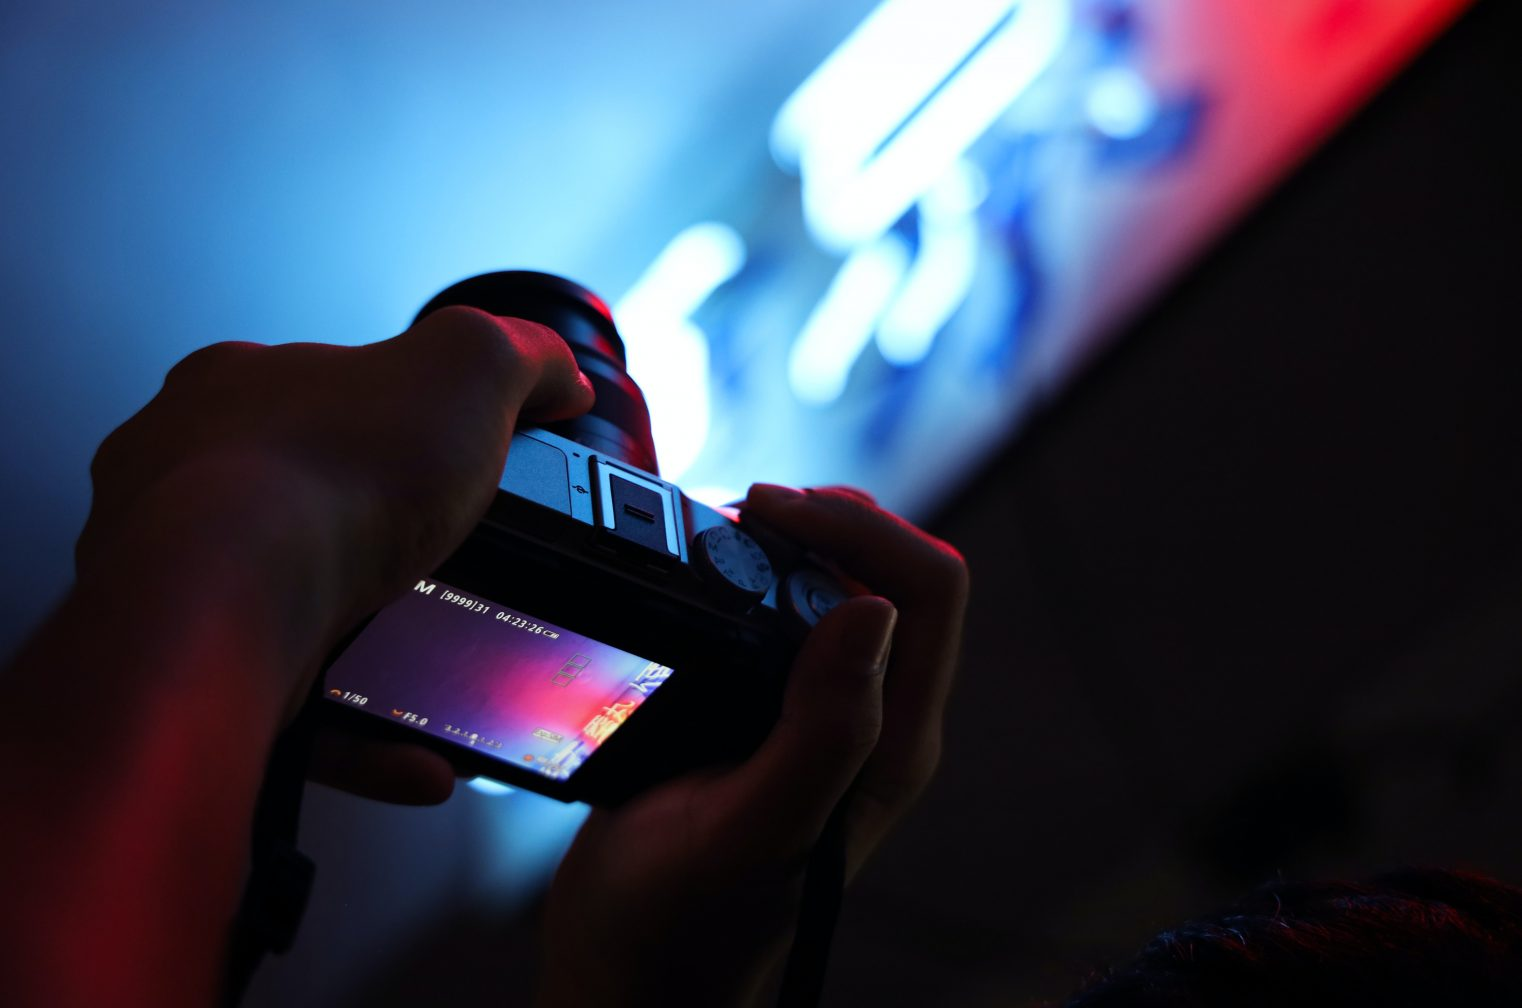 日経新聞も予想「ビデオファースト」時代のマーケティング戦略基礎